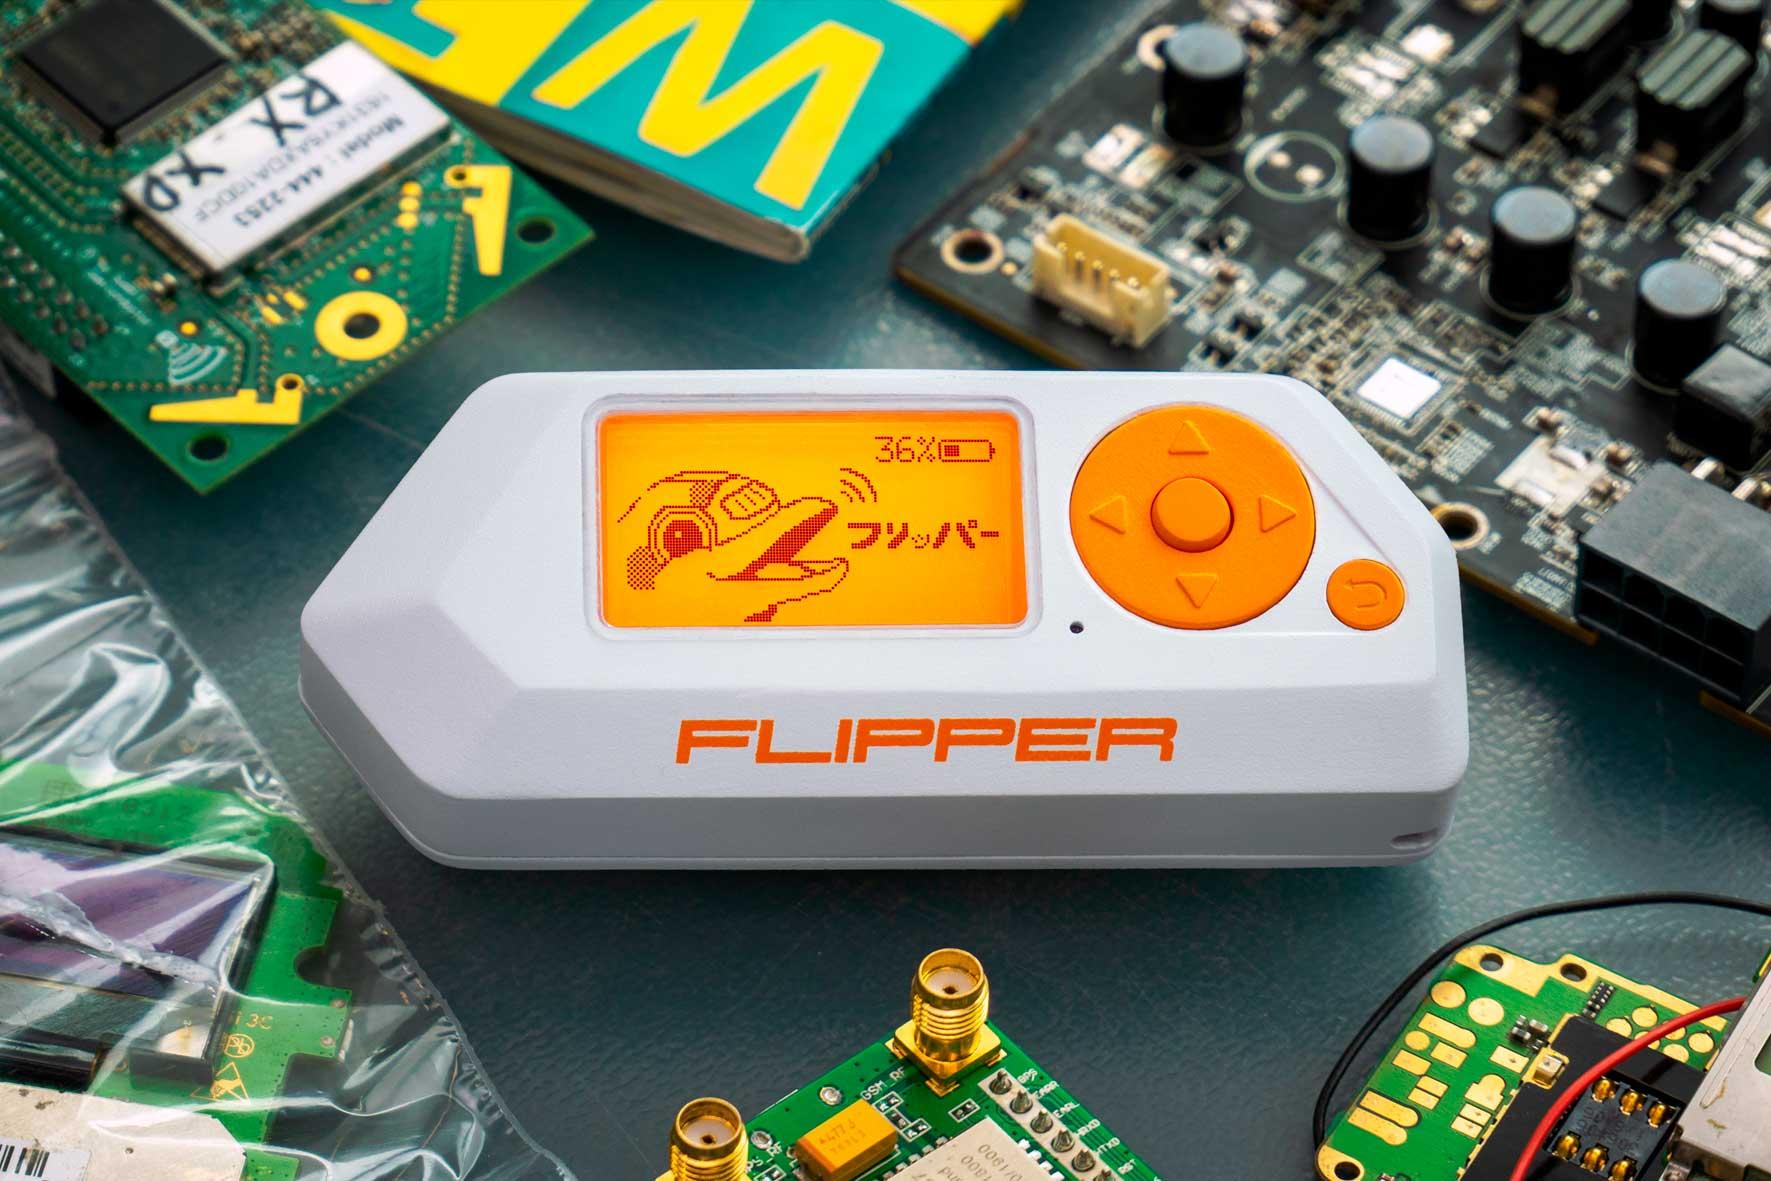 Parlem de Flipper Zero, el tamagotxi per fer hacking ètic, a L'Altra Ràdio